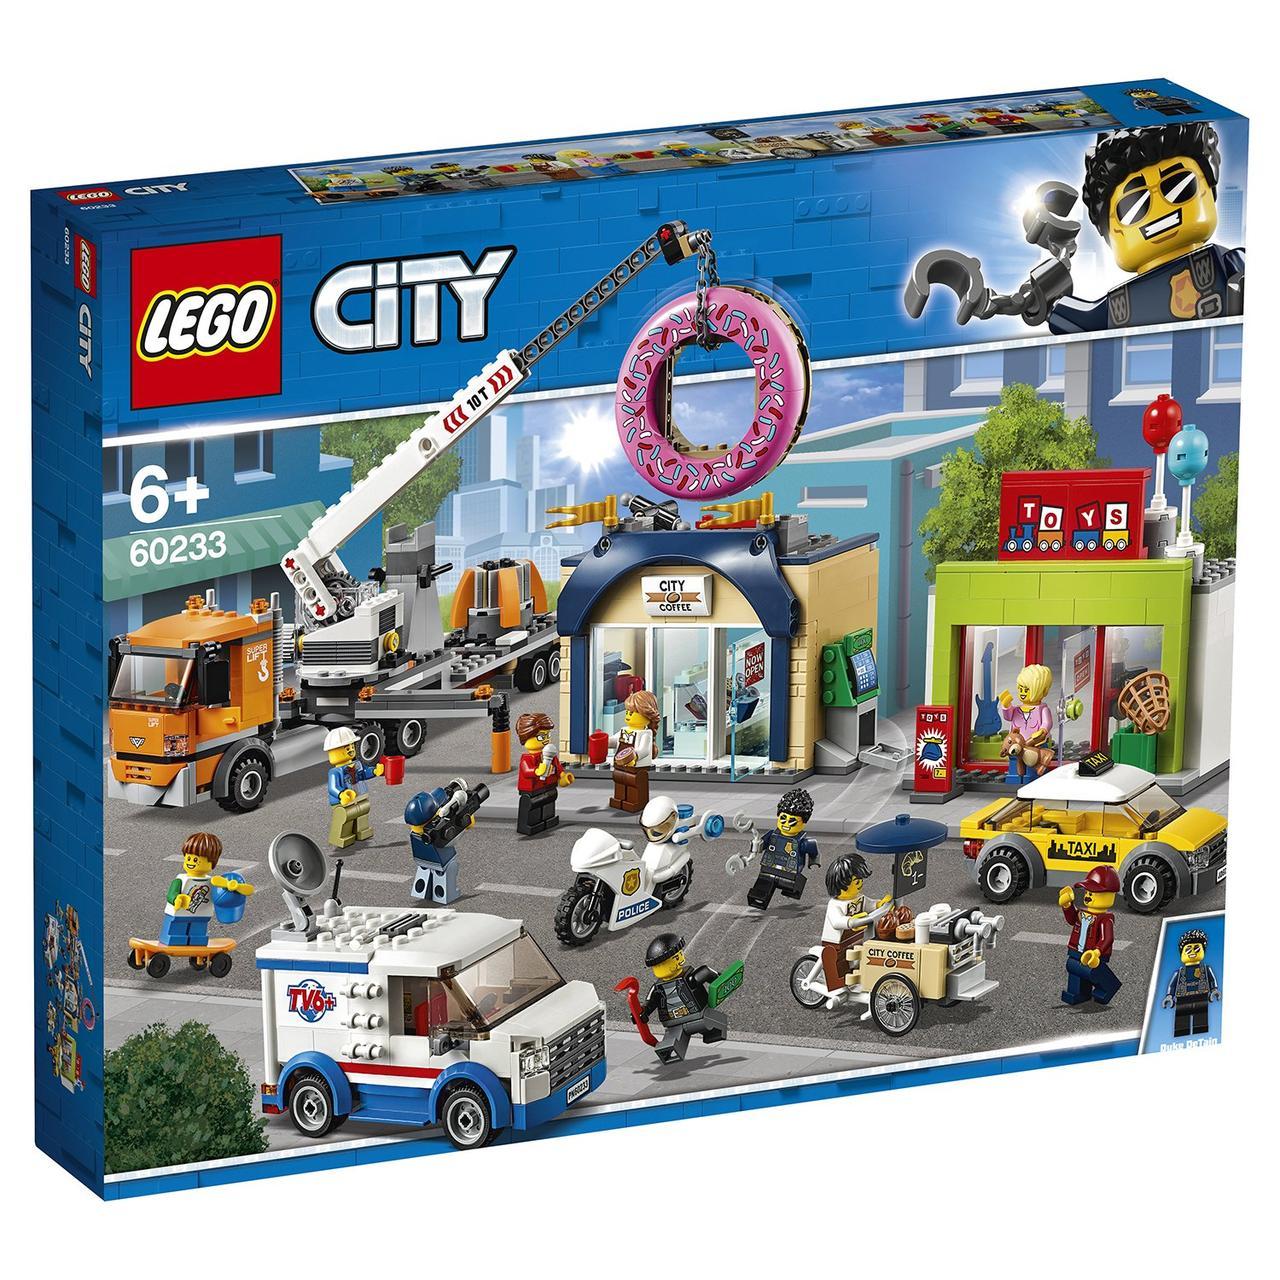 60233 Lego City Открытие магазина по продаже пончиков, Лего Город Сити